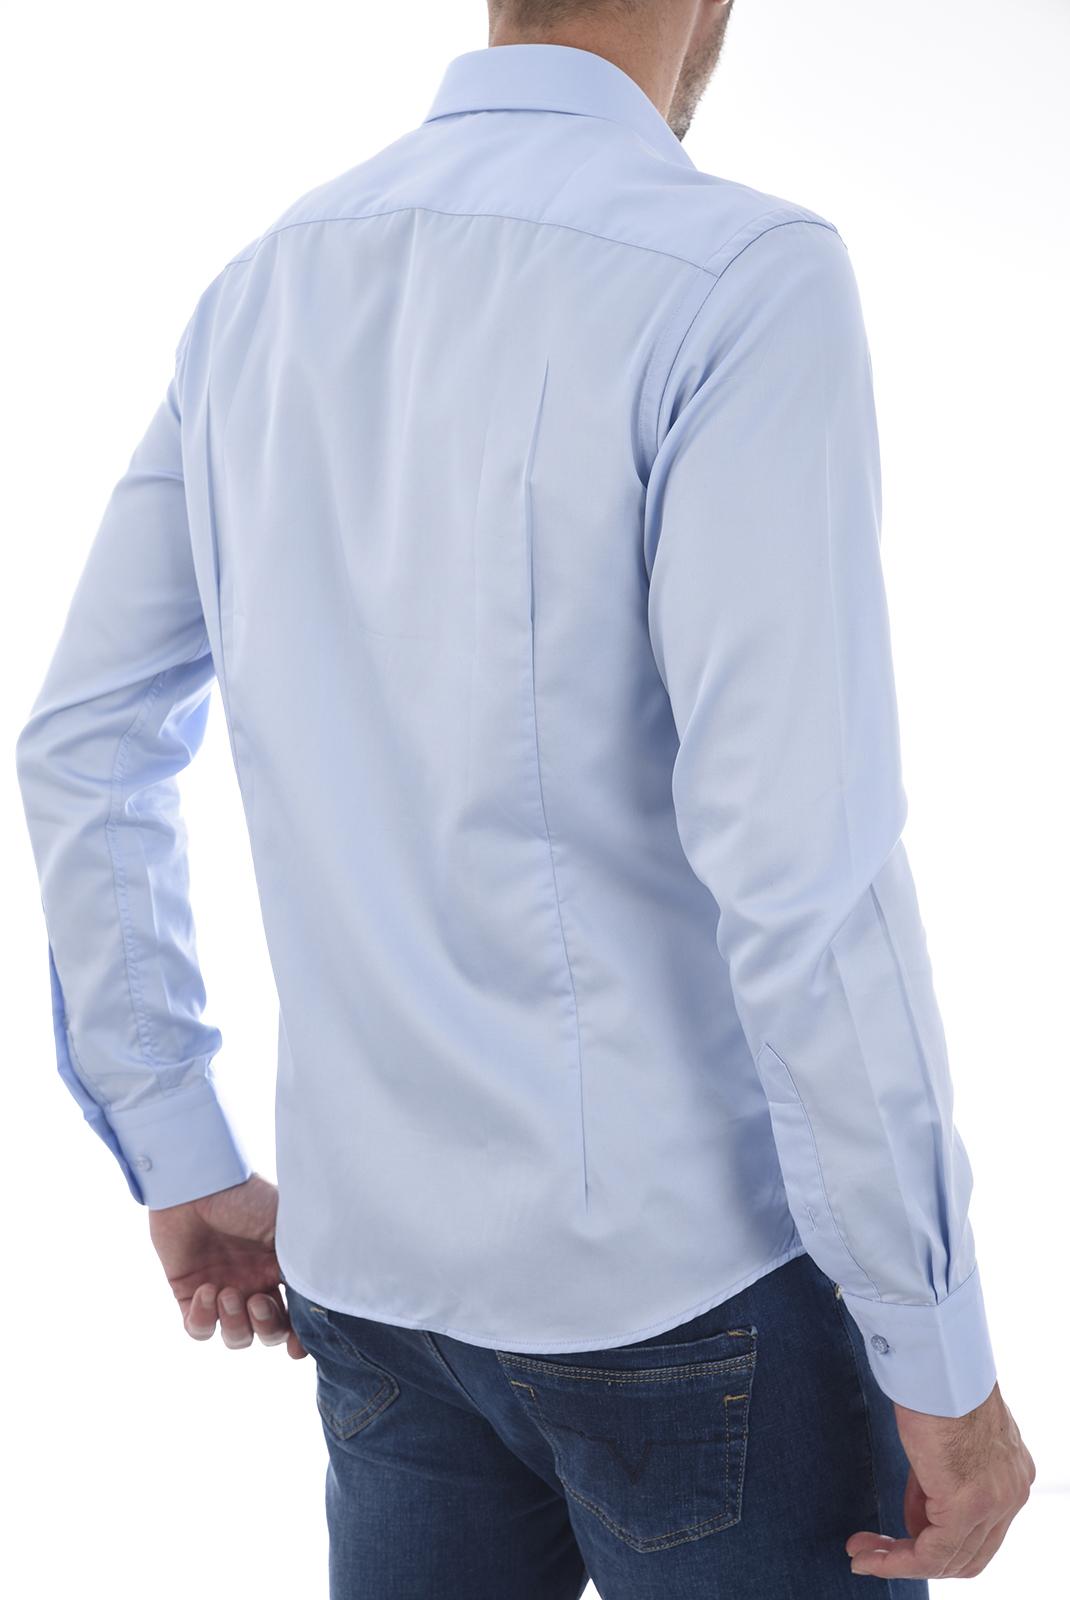 Chemises manches longues  19V69 by Versace 1969 SATIN BLEU CIEL